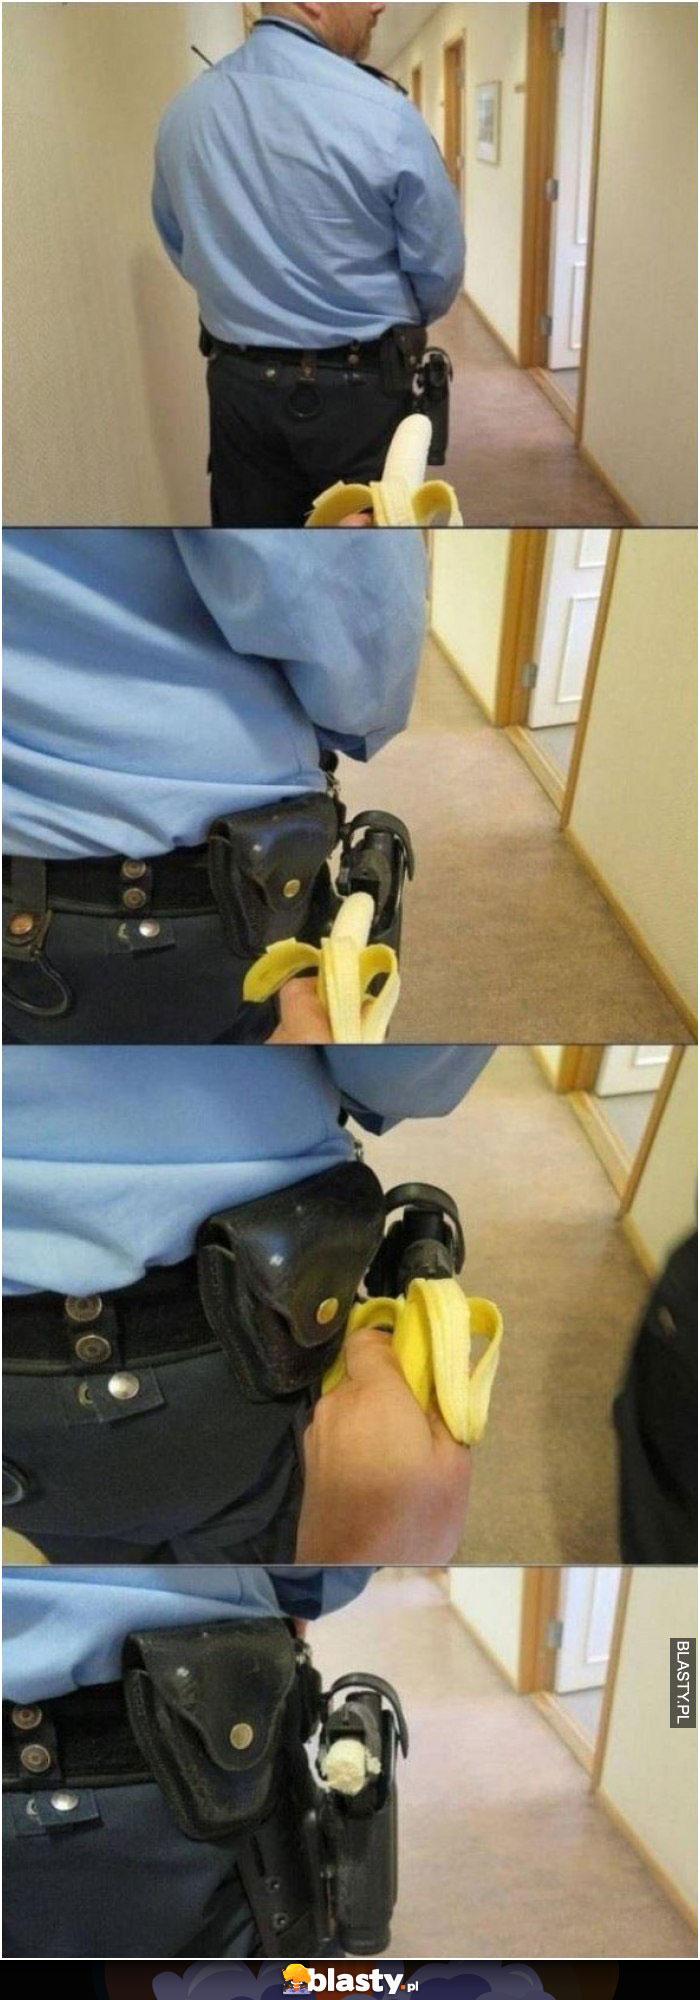 Trollowanie policjanta